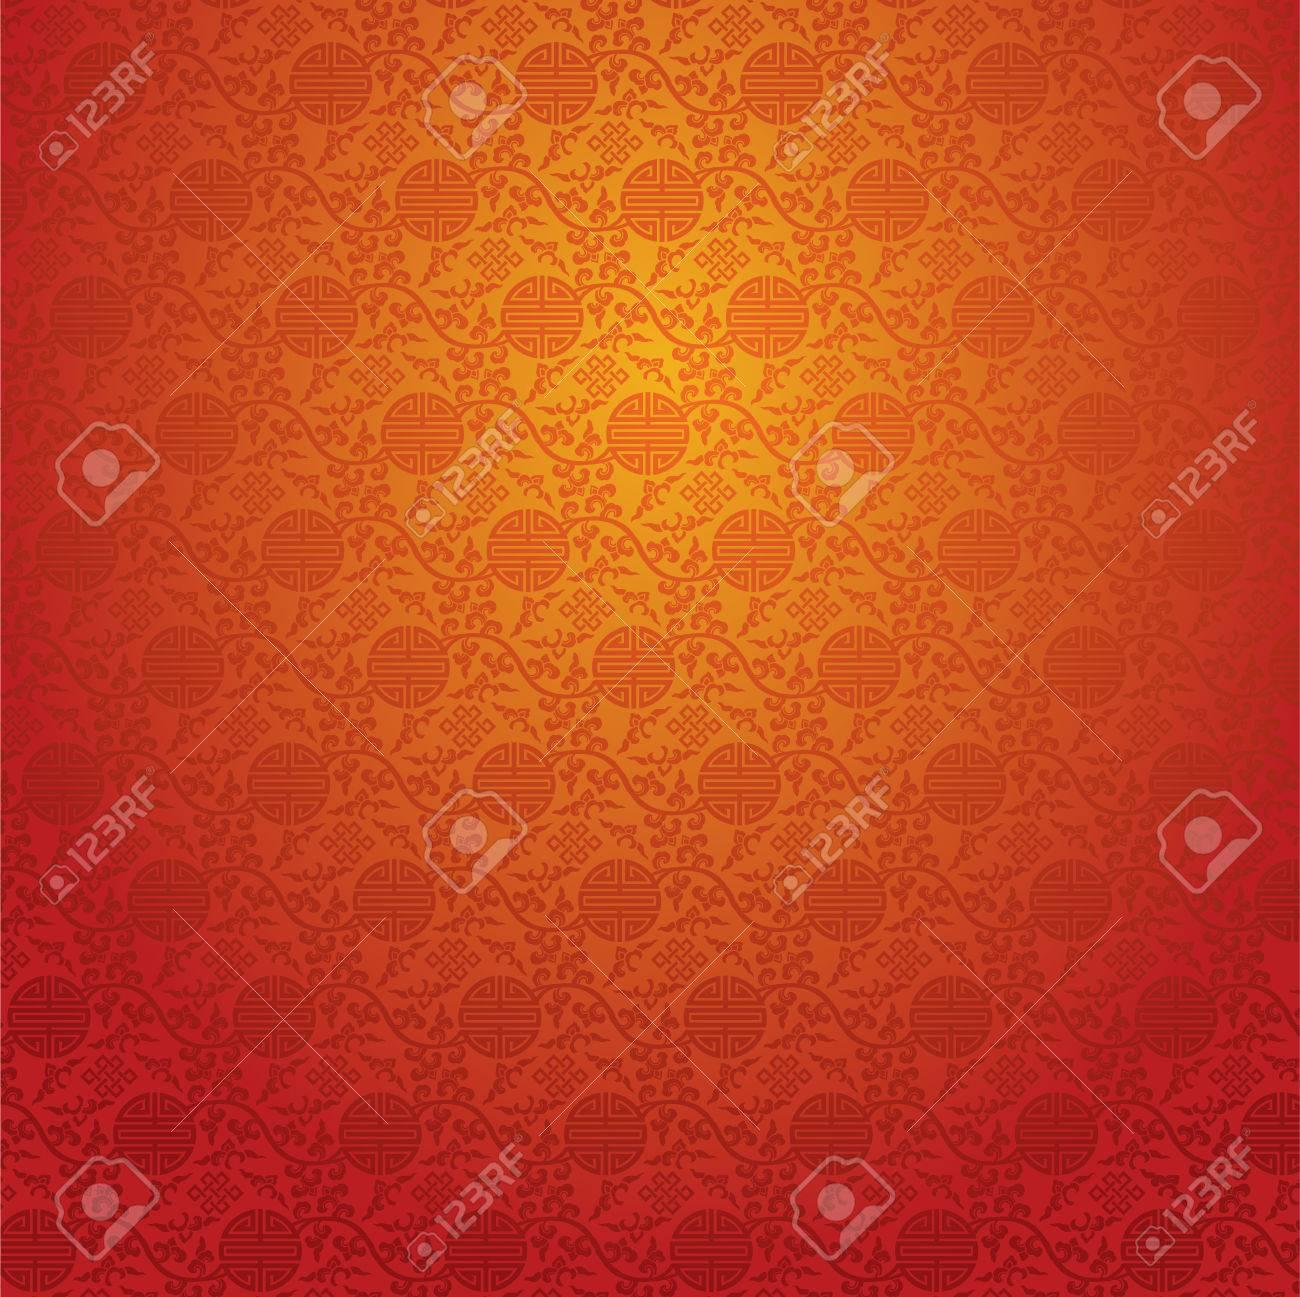 中国柄の壁紙のイラスト素材 ベクタ Image